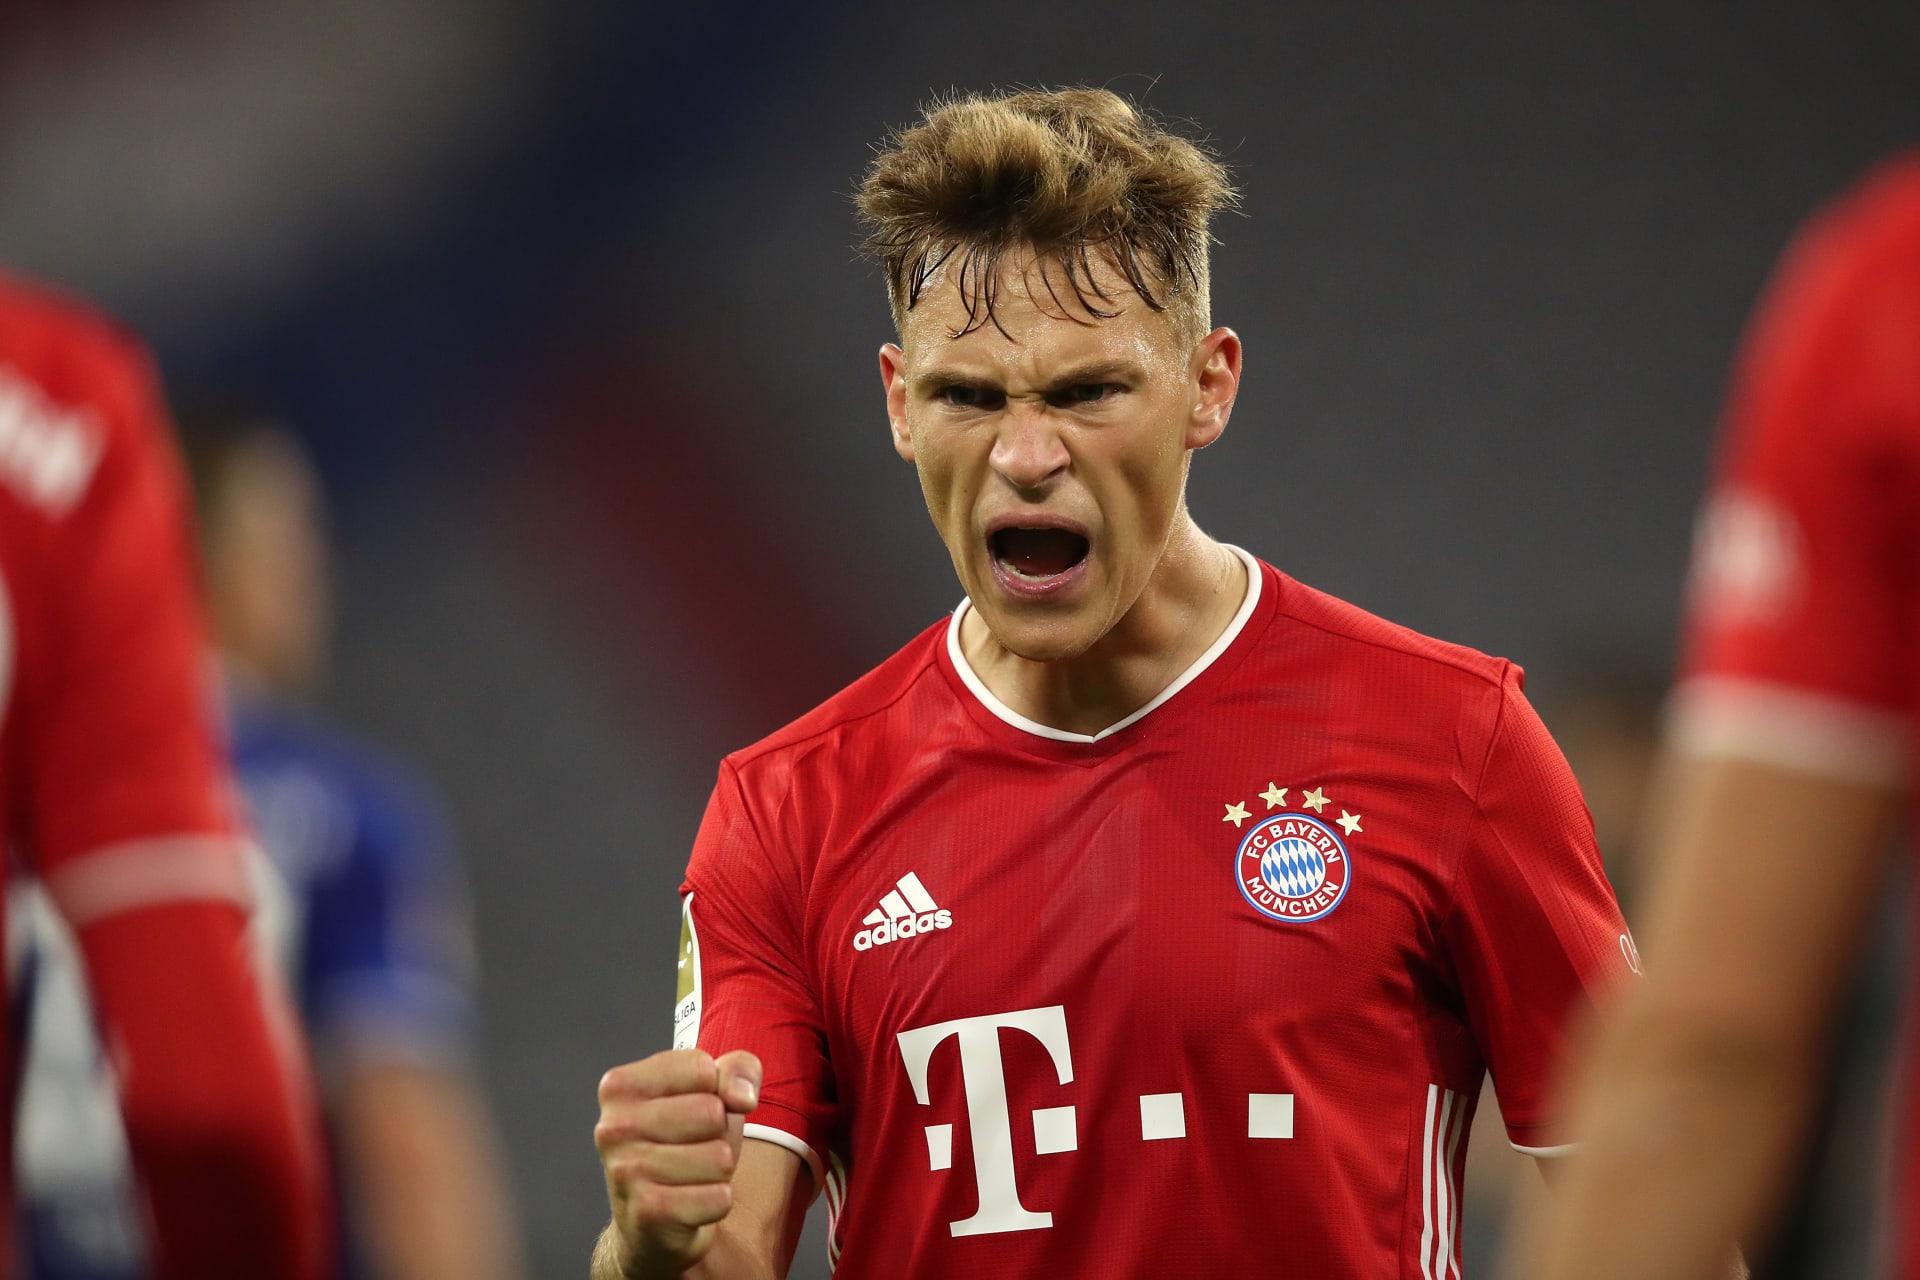 لاعب الفريق الألماني: الأهلي بايرن ميونخ مصر ونحن الأوفر حظا بالفوز